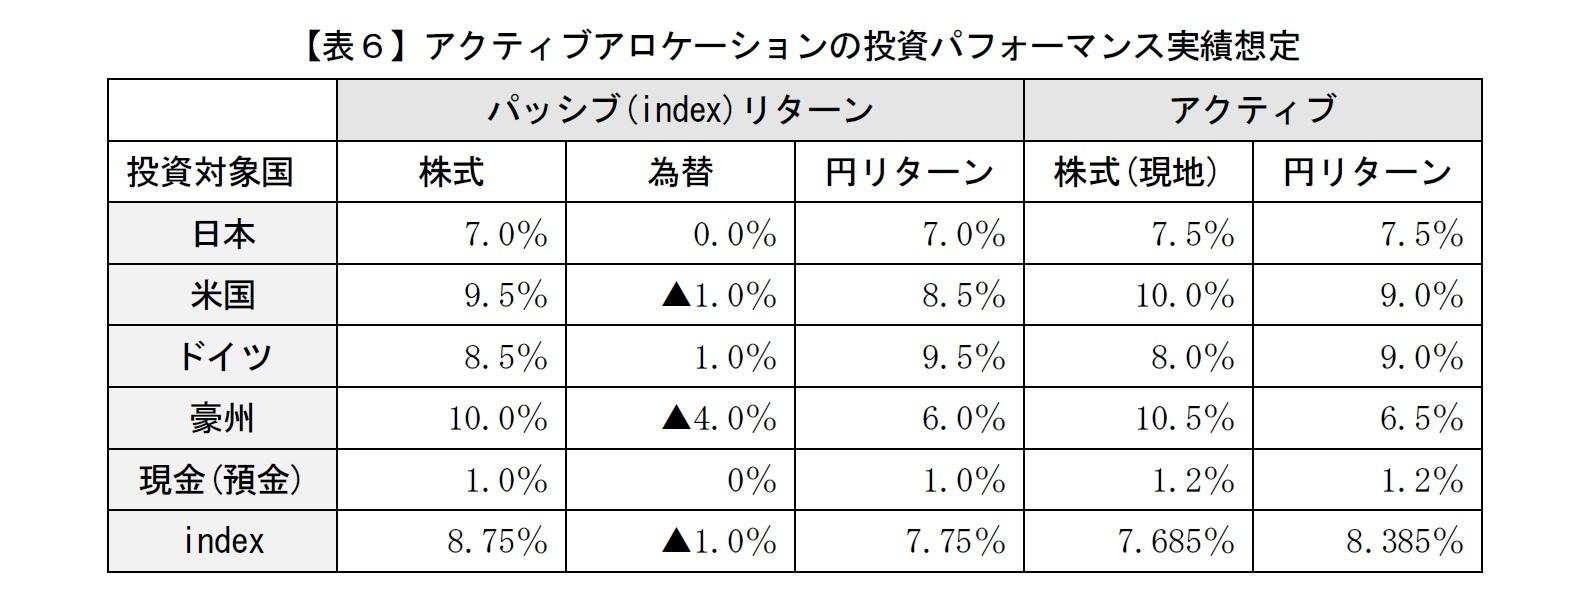 【表6】アクティブアロケーションの投資パフォーマンス実績想定